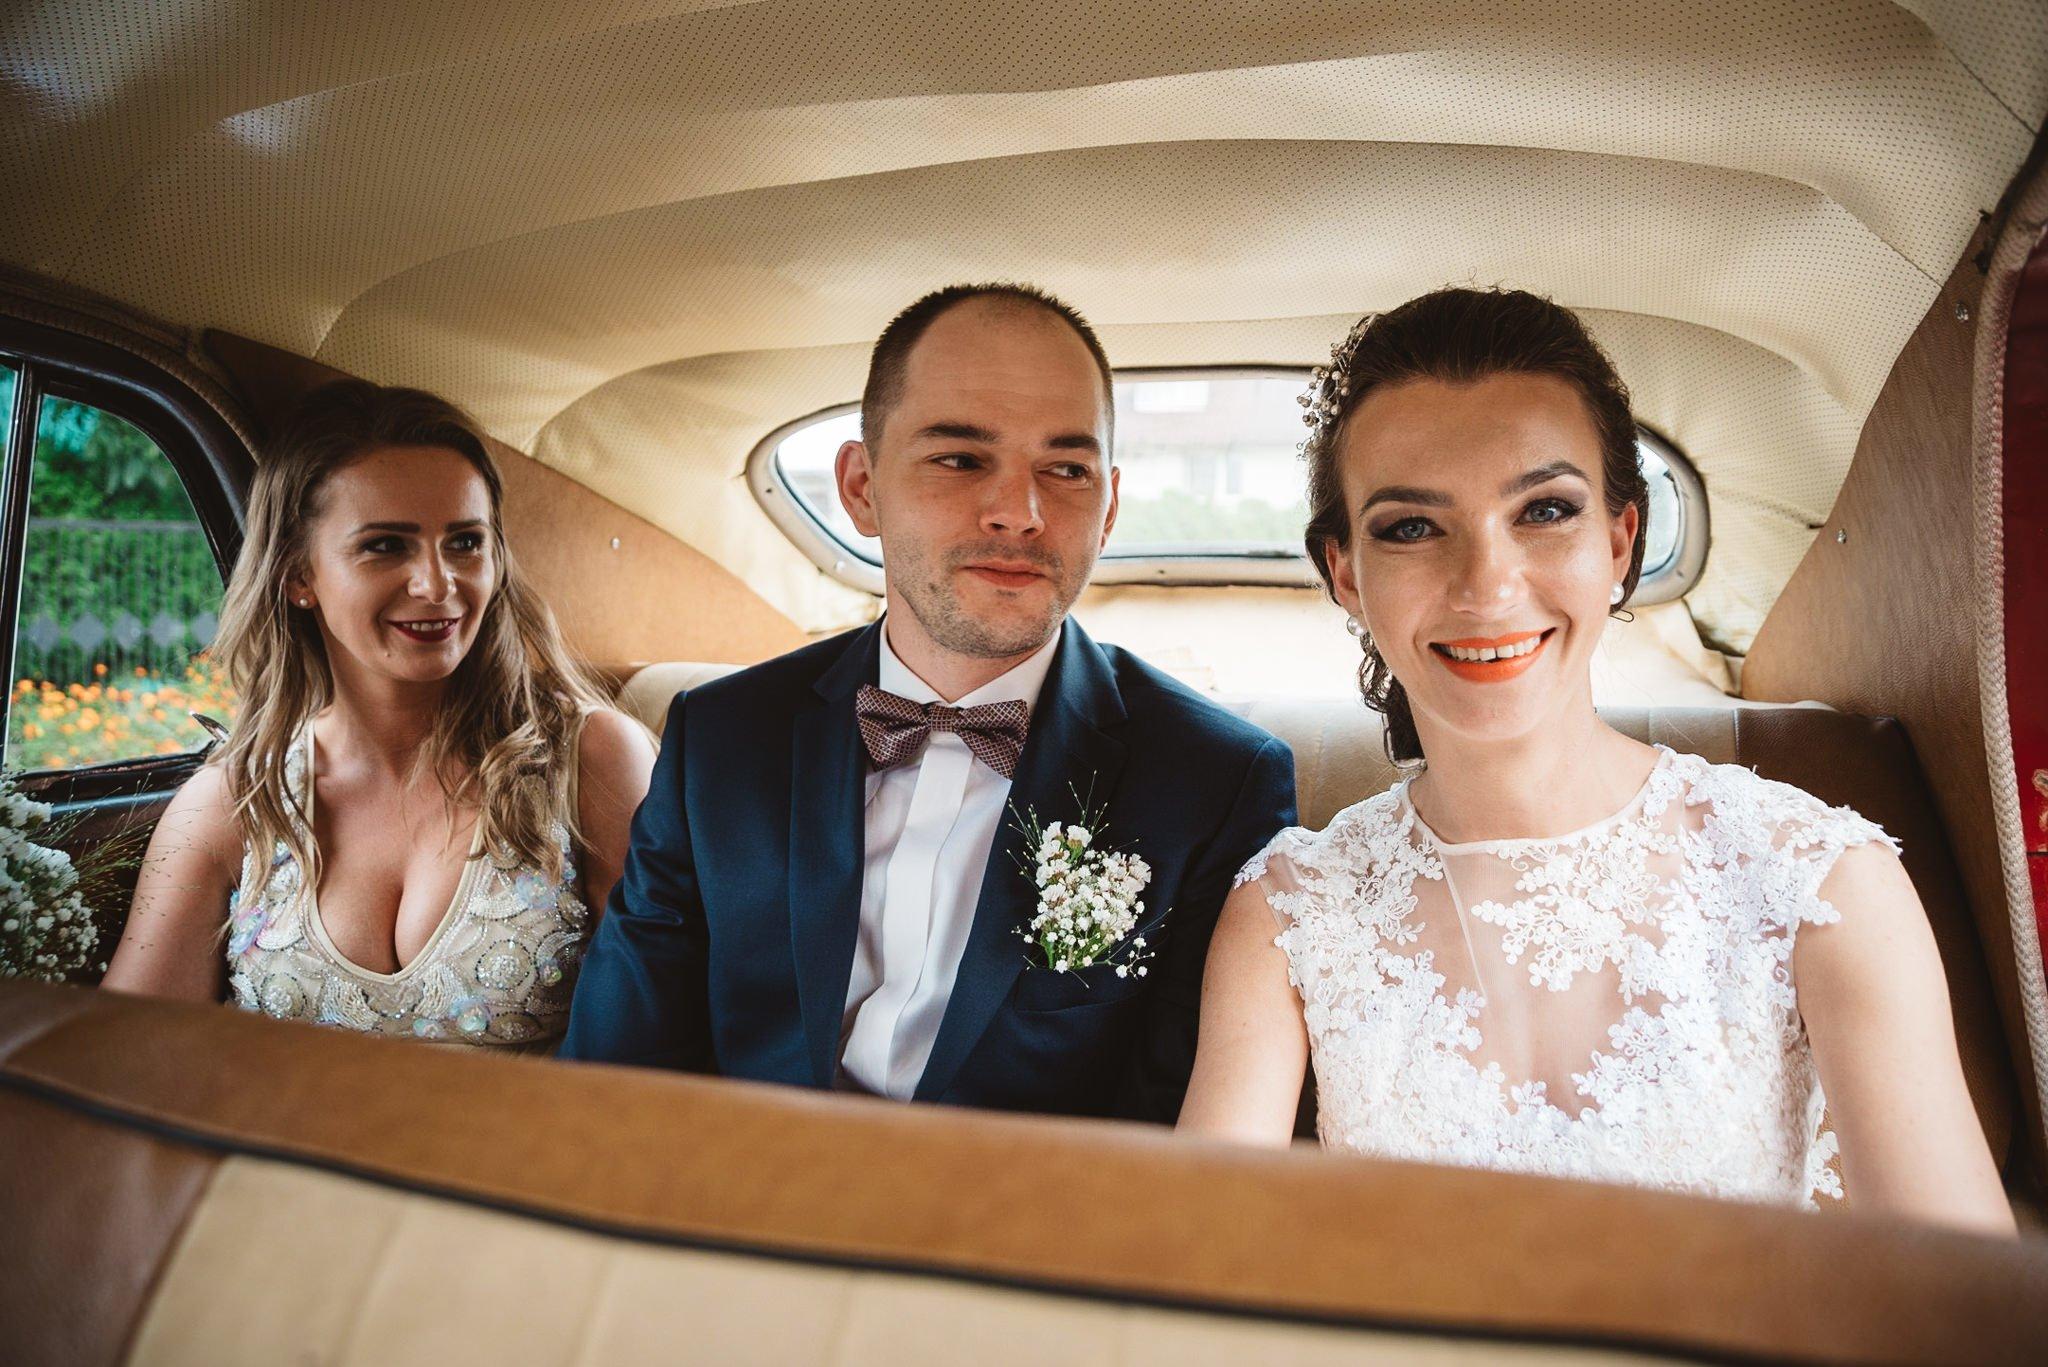 Ala i Arek, czyli jak zorganizować ślub i wesele w 4 tygodnie! 55